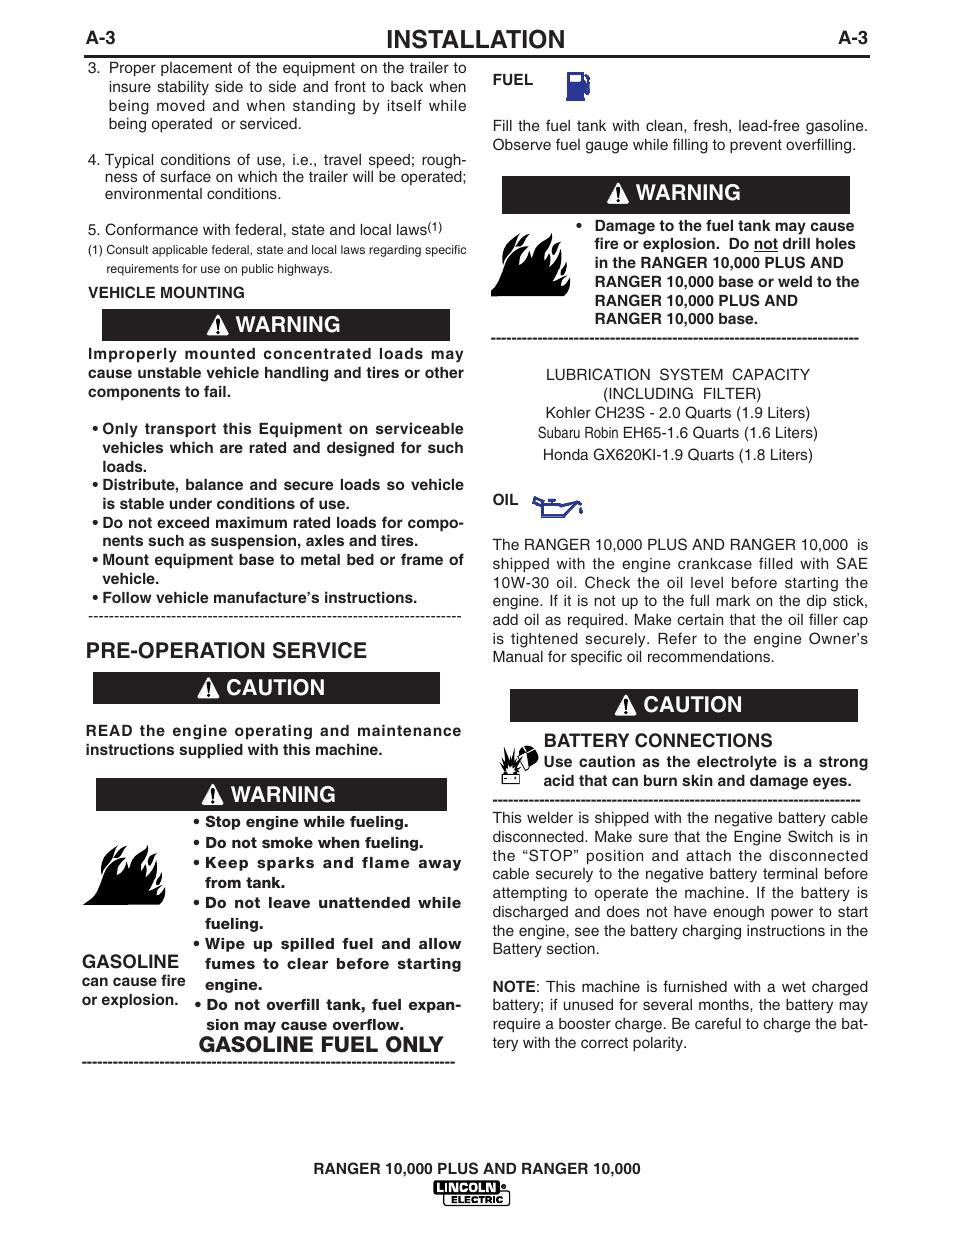 hp officejet pro 8600 plus service manual